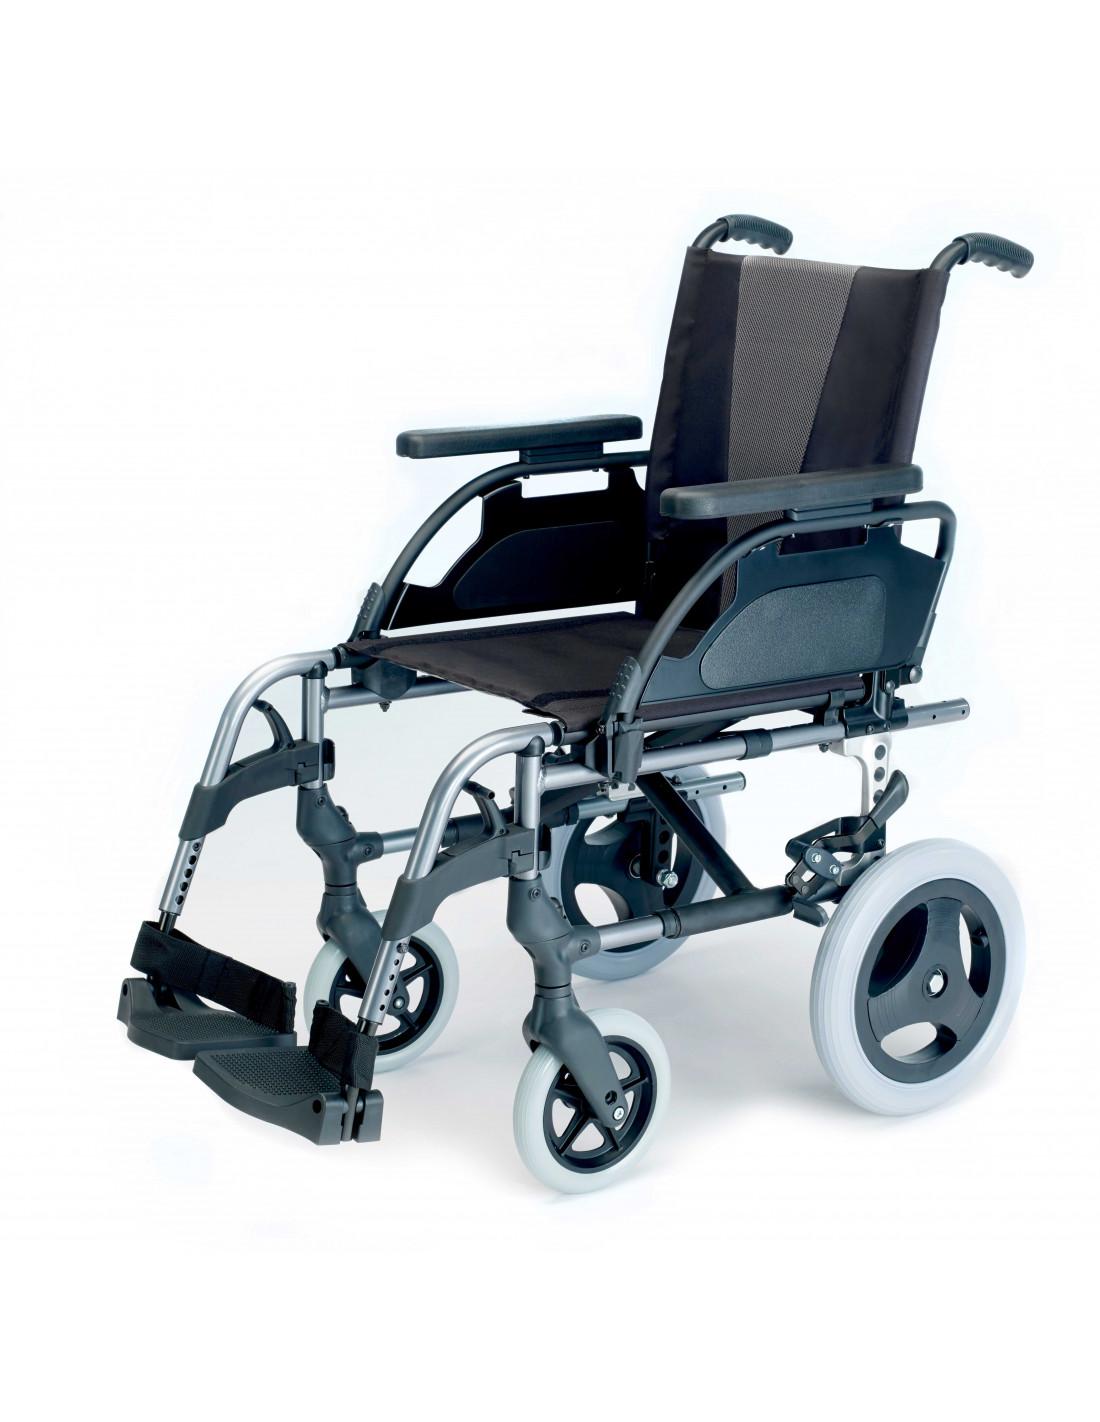 Silla de ruedas ligera breezy style antigua 300 - Sillas de ruedas ligeras ...